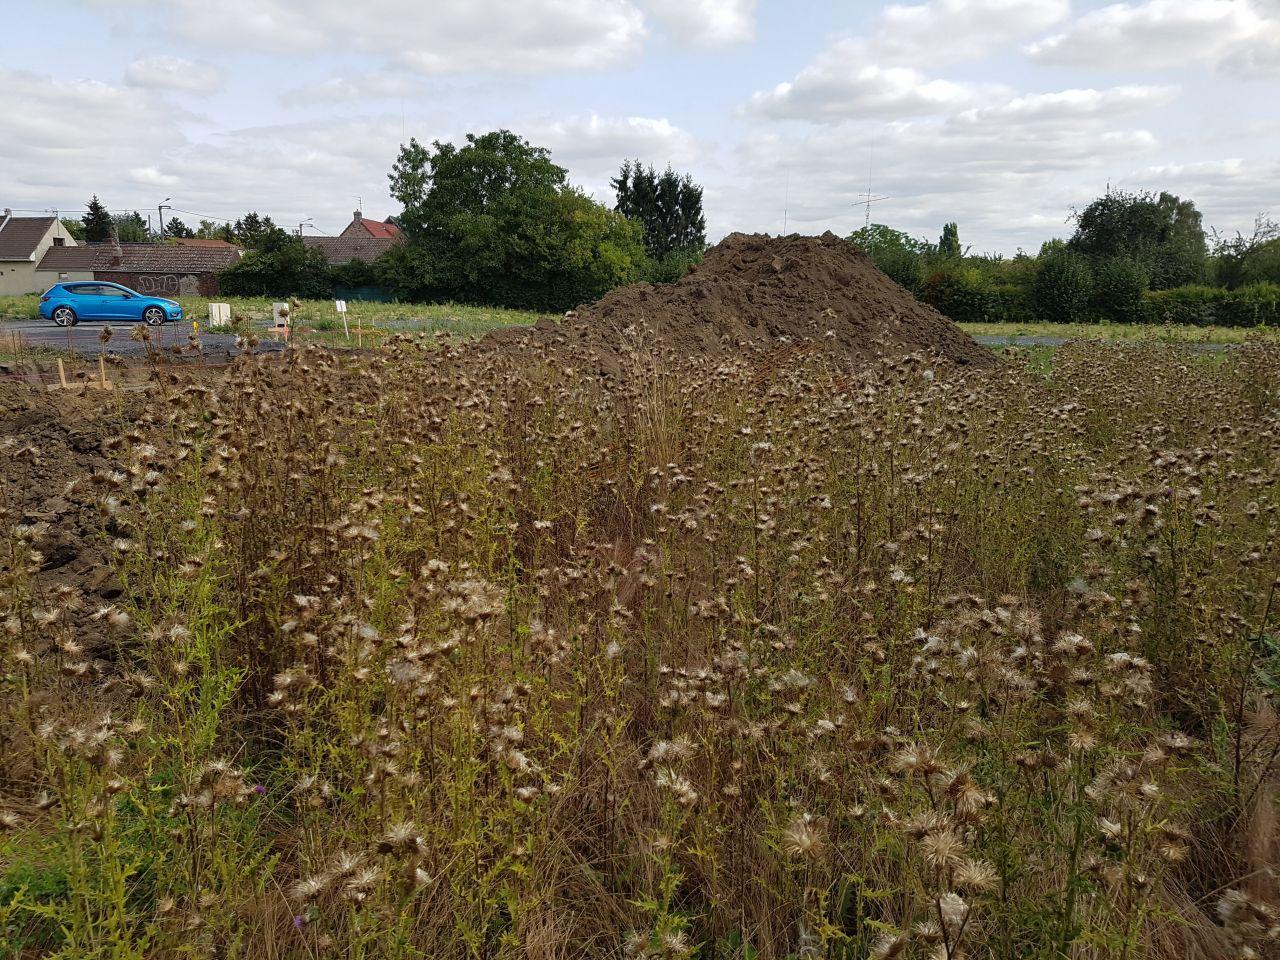 Chardons et autres mauvaises herbes dans le fond du terrain avant le fossé